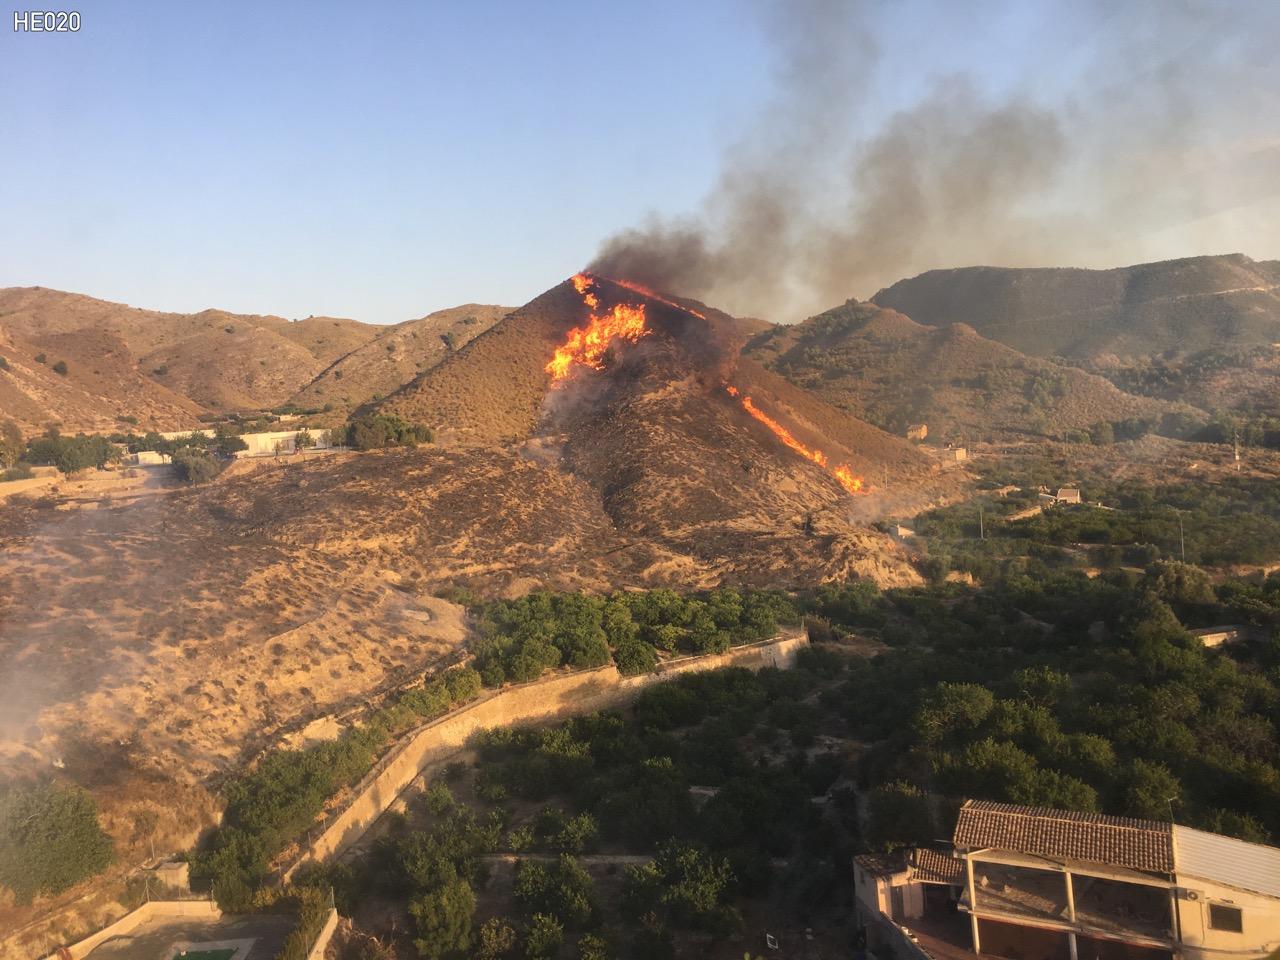 Incendio de Cañada Isidro, viso desde helicóptero. Imagen: 1-1-2